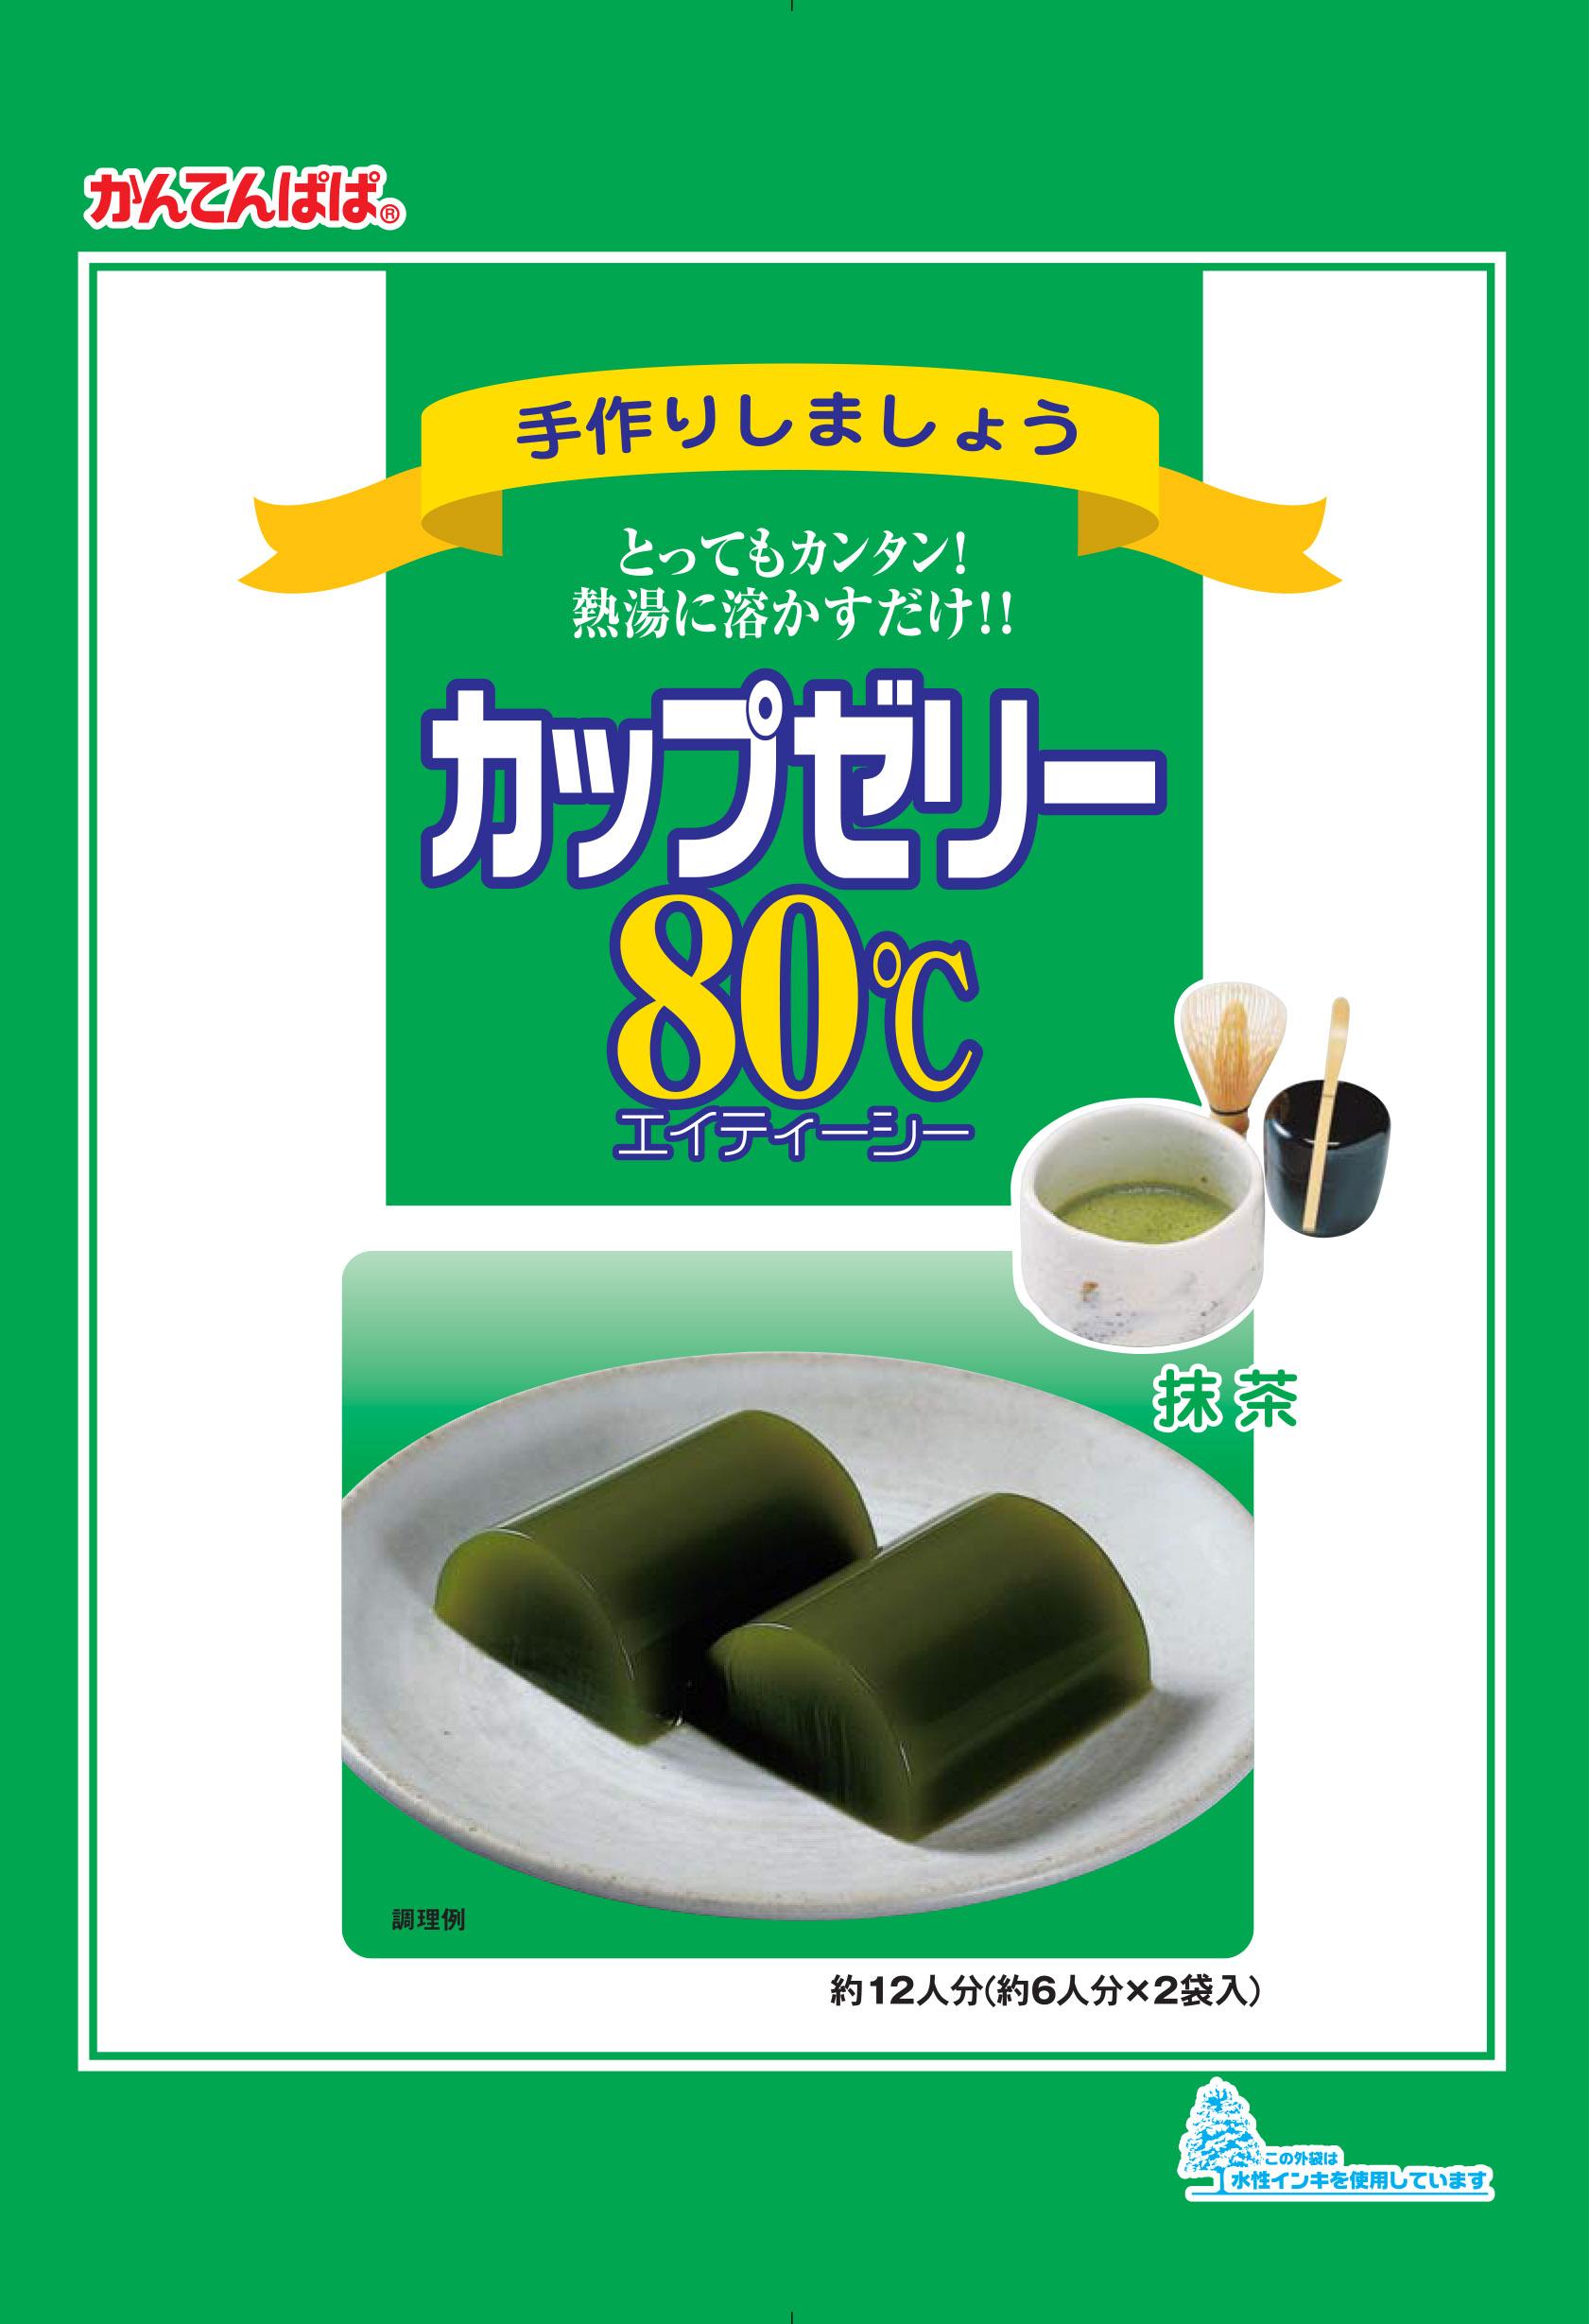 カップゼリー80℃ 抹茶 2袋入